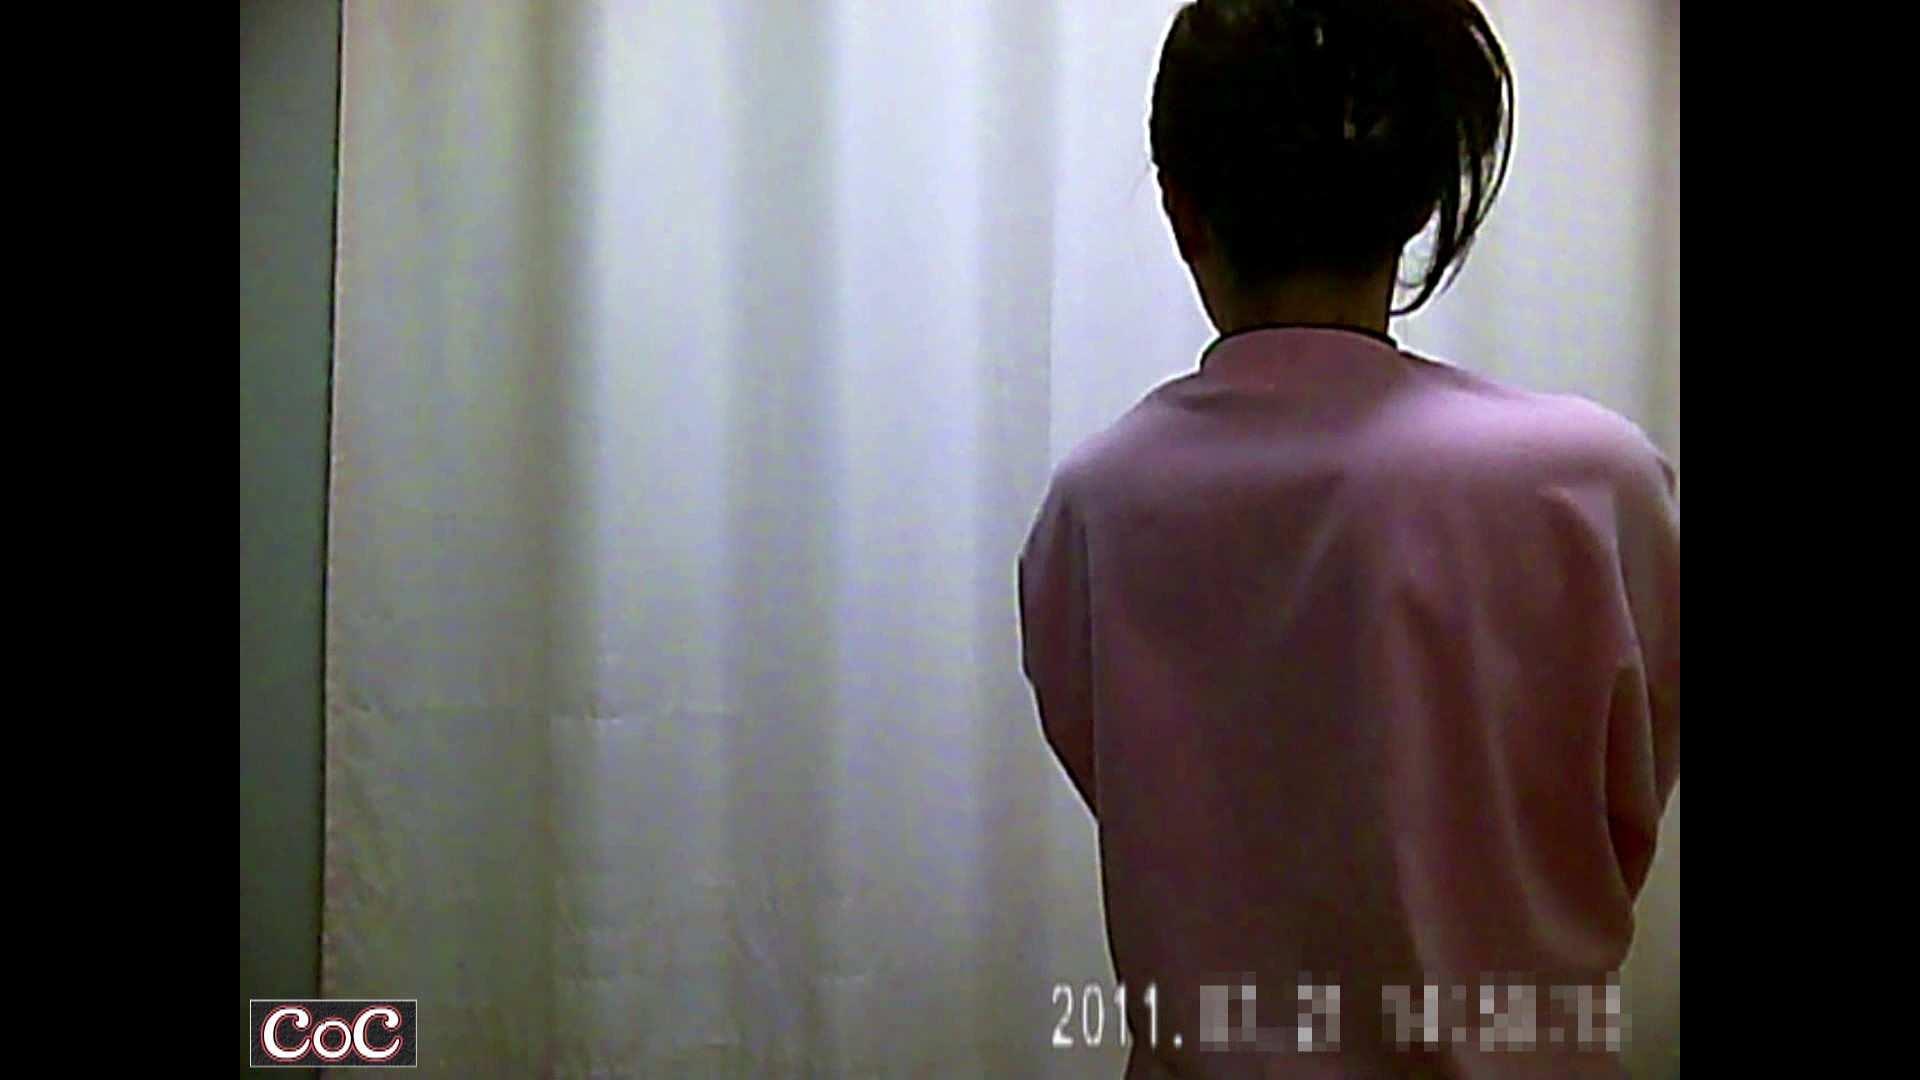 病院おもいっきり着替え! vol.04 乳首 エロ画像 107pic 11